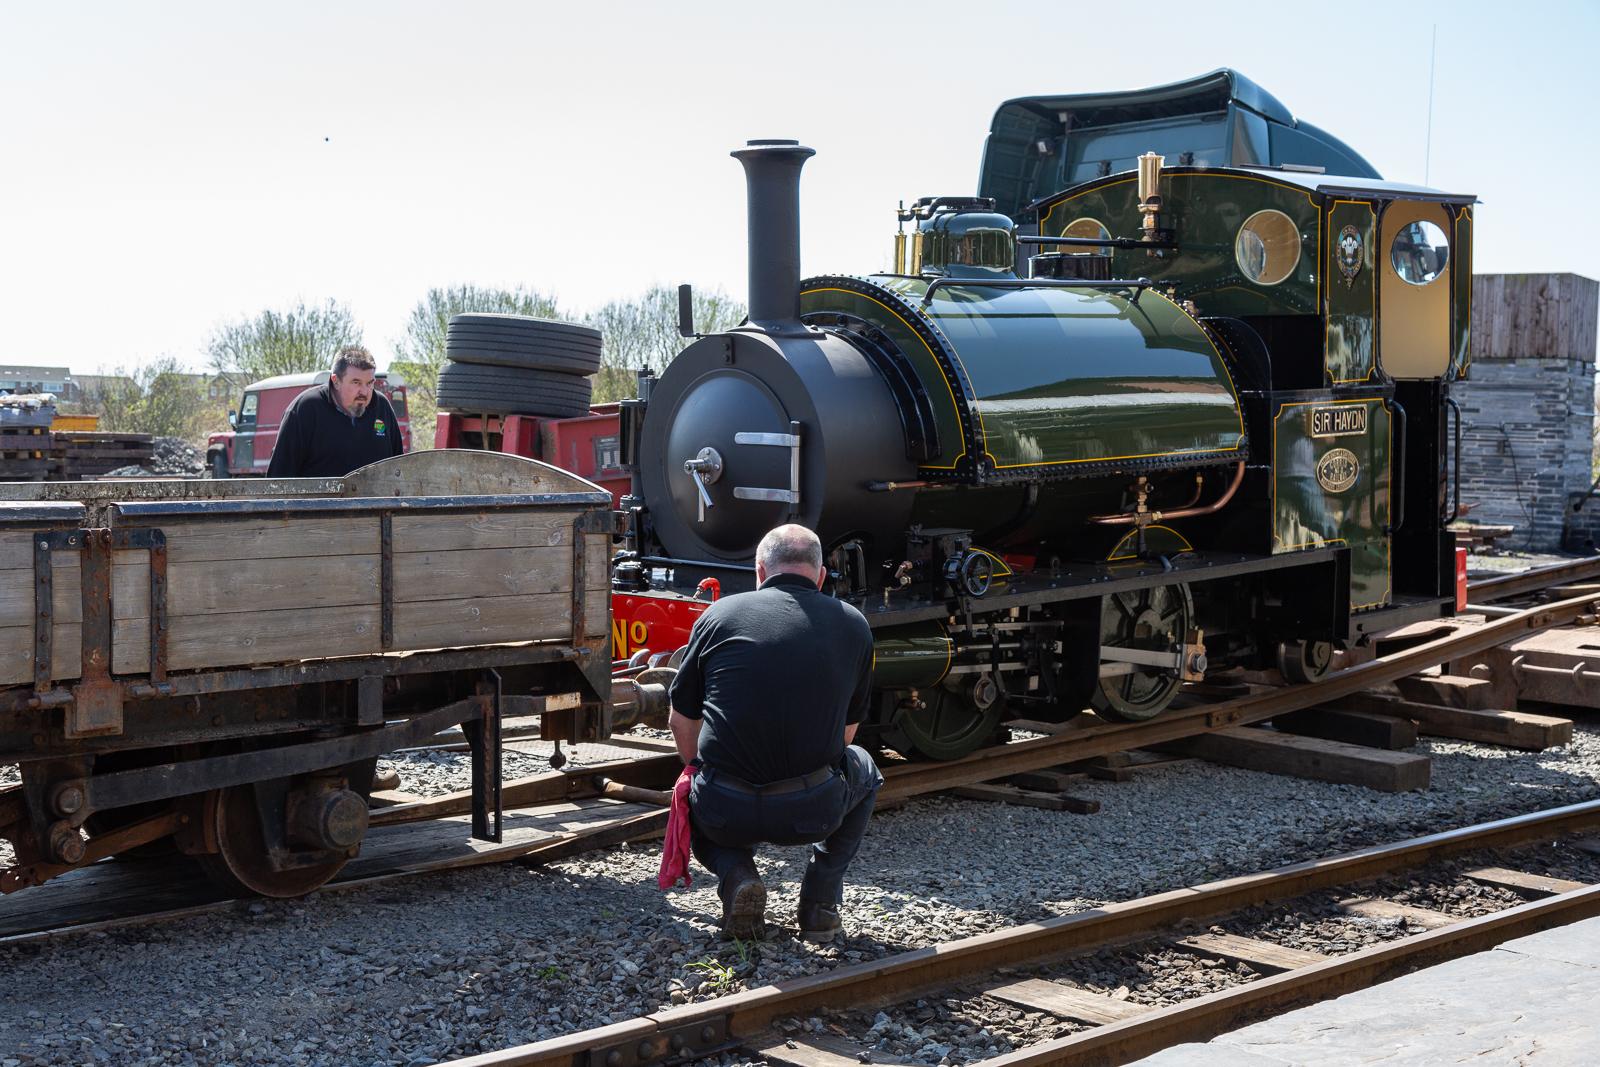 Tayllyn Railway No.3 'Sir Haydn' being unloaded at Tywyn Wharf station on Thursday April 19 2018. BARBARA FULLER